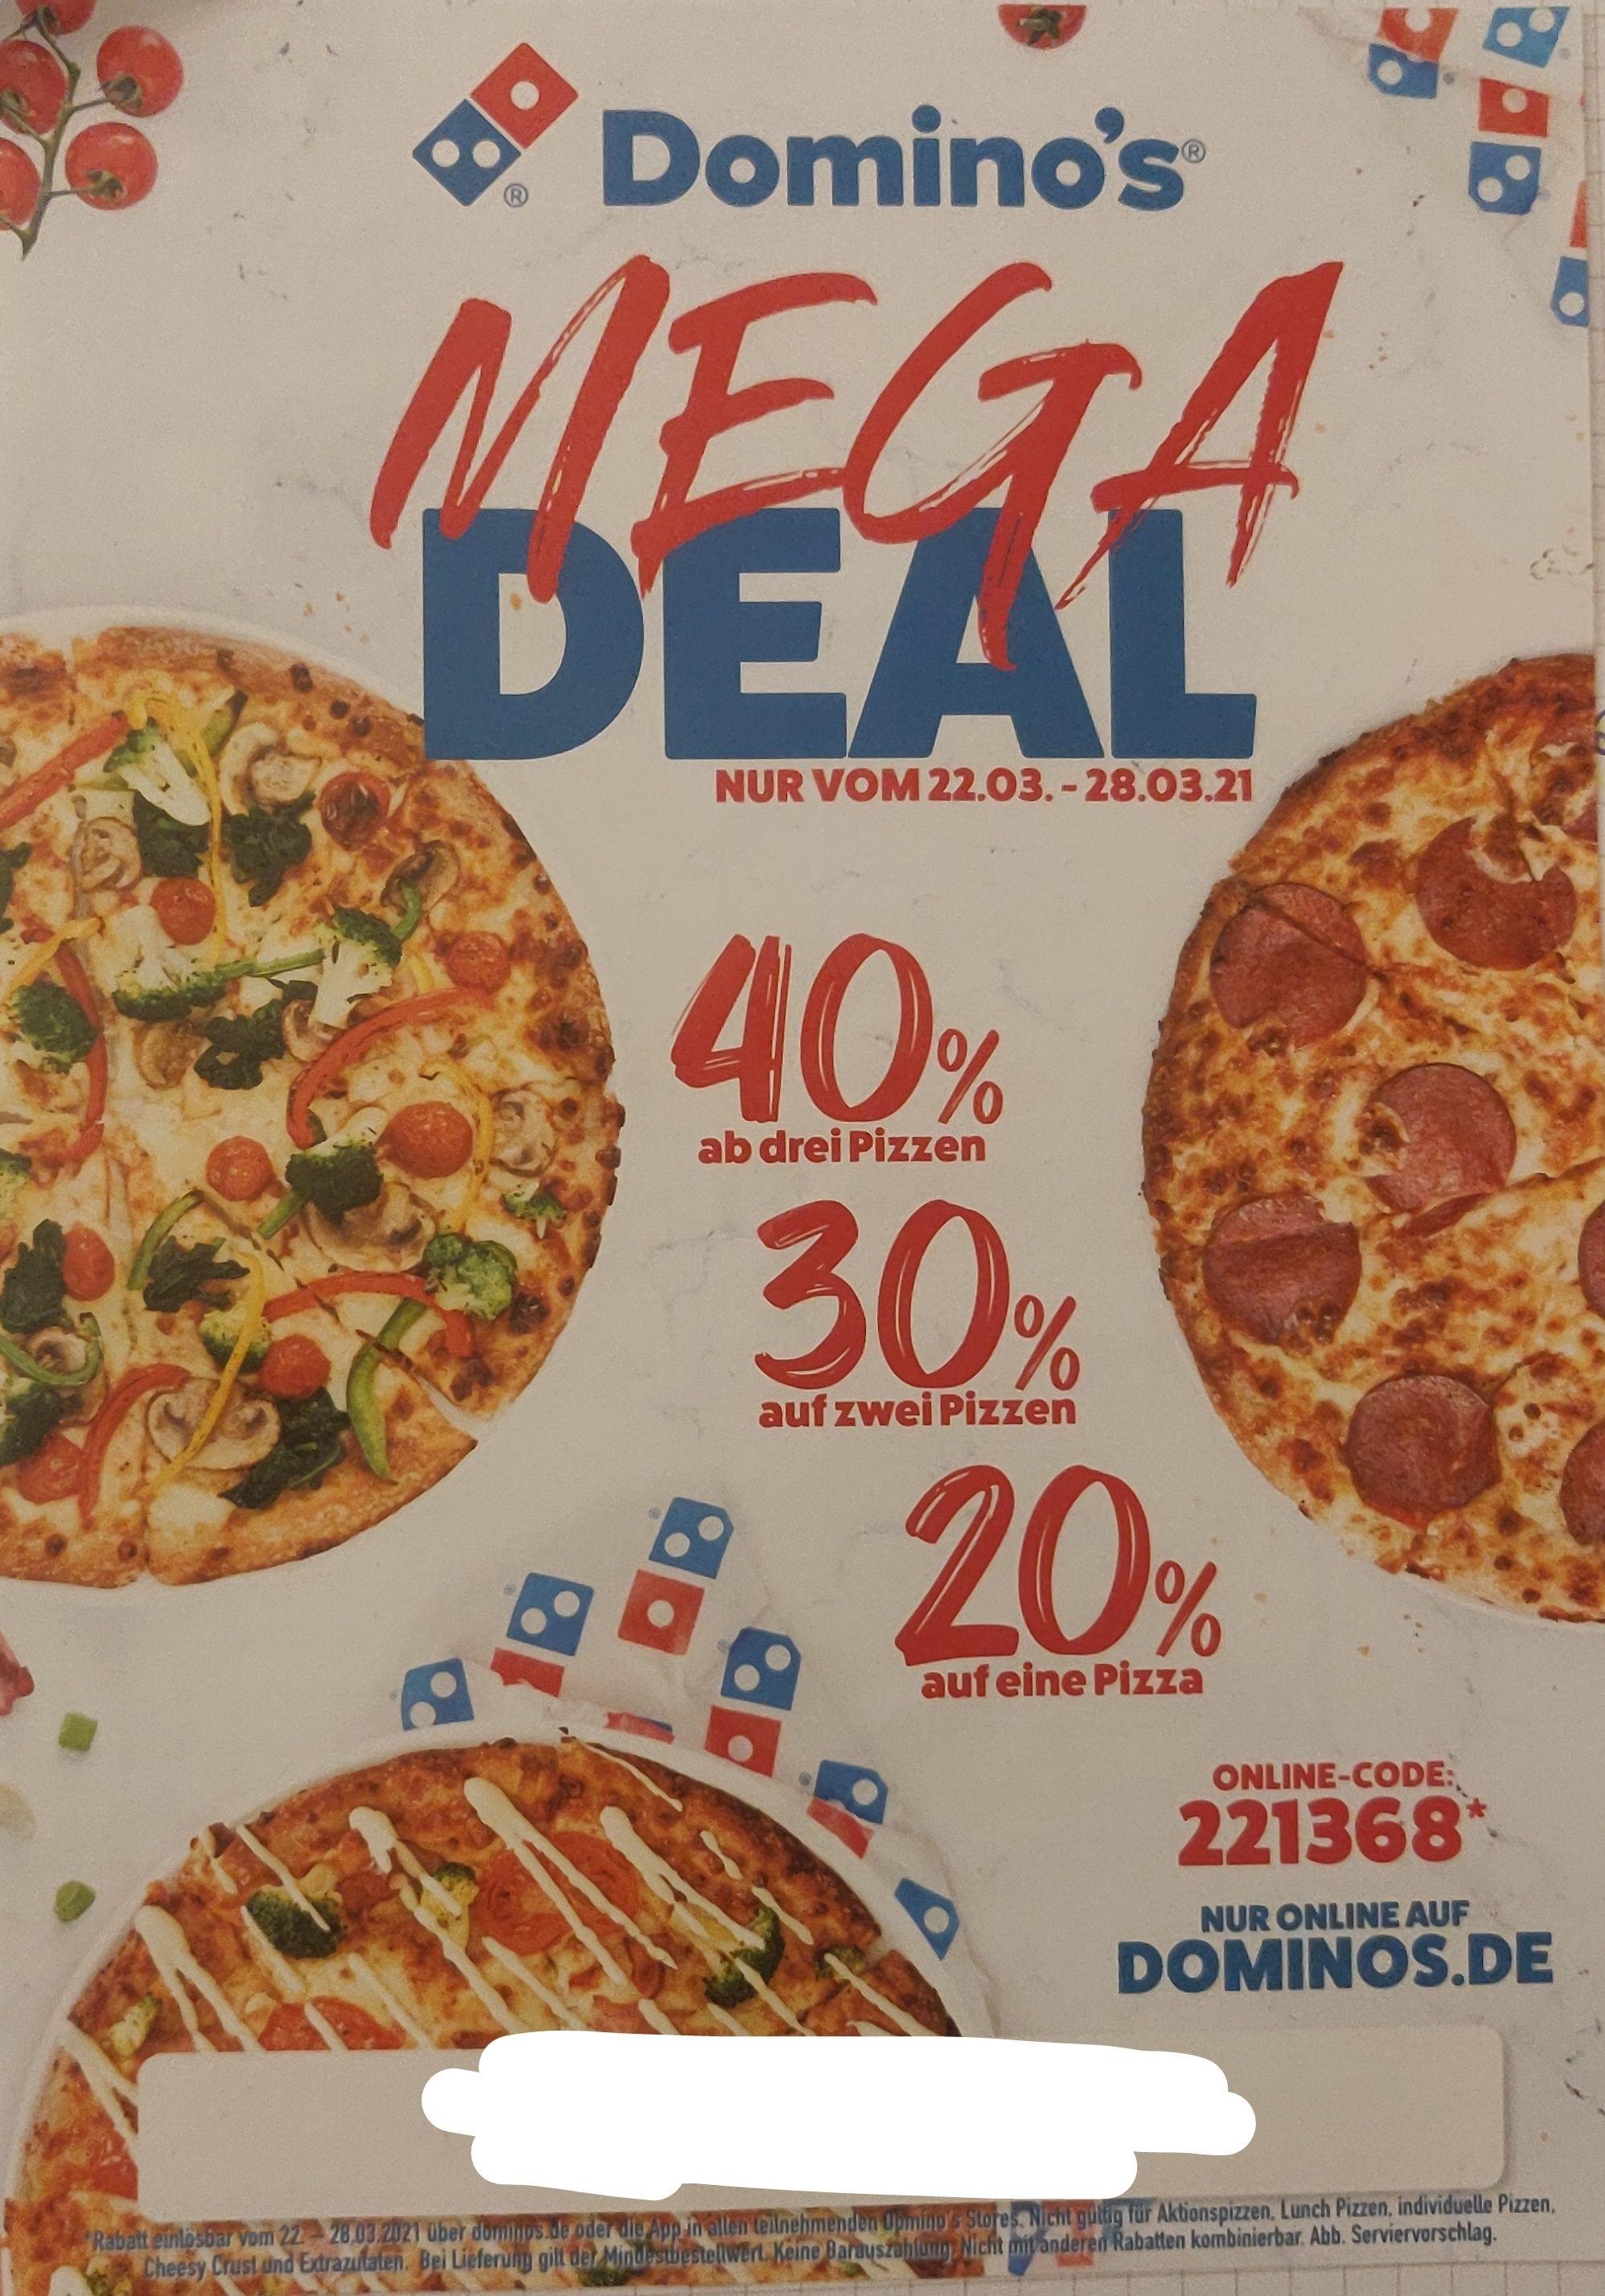 Dominos 40% ab drei, 30% auf zwei und 20% auf eine Pizza